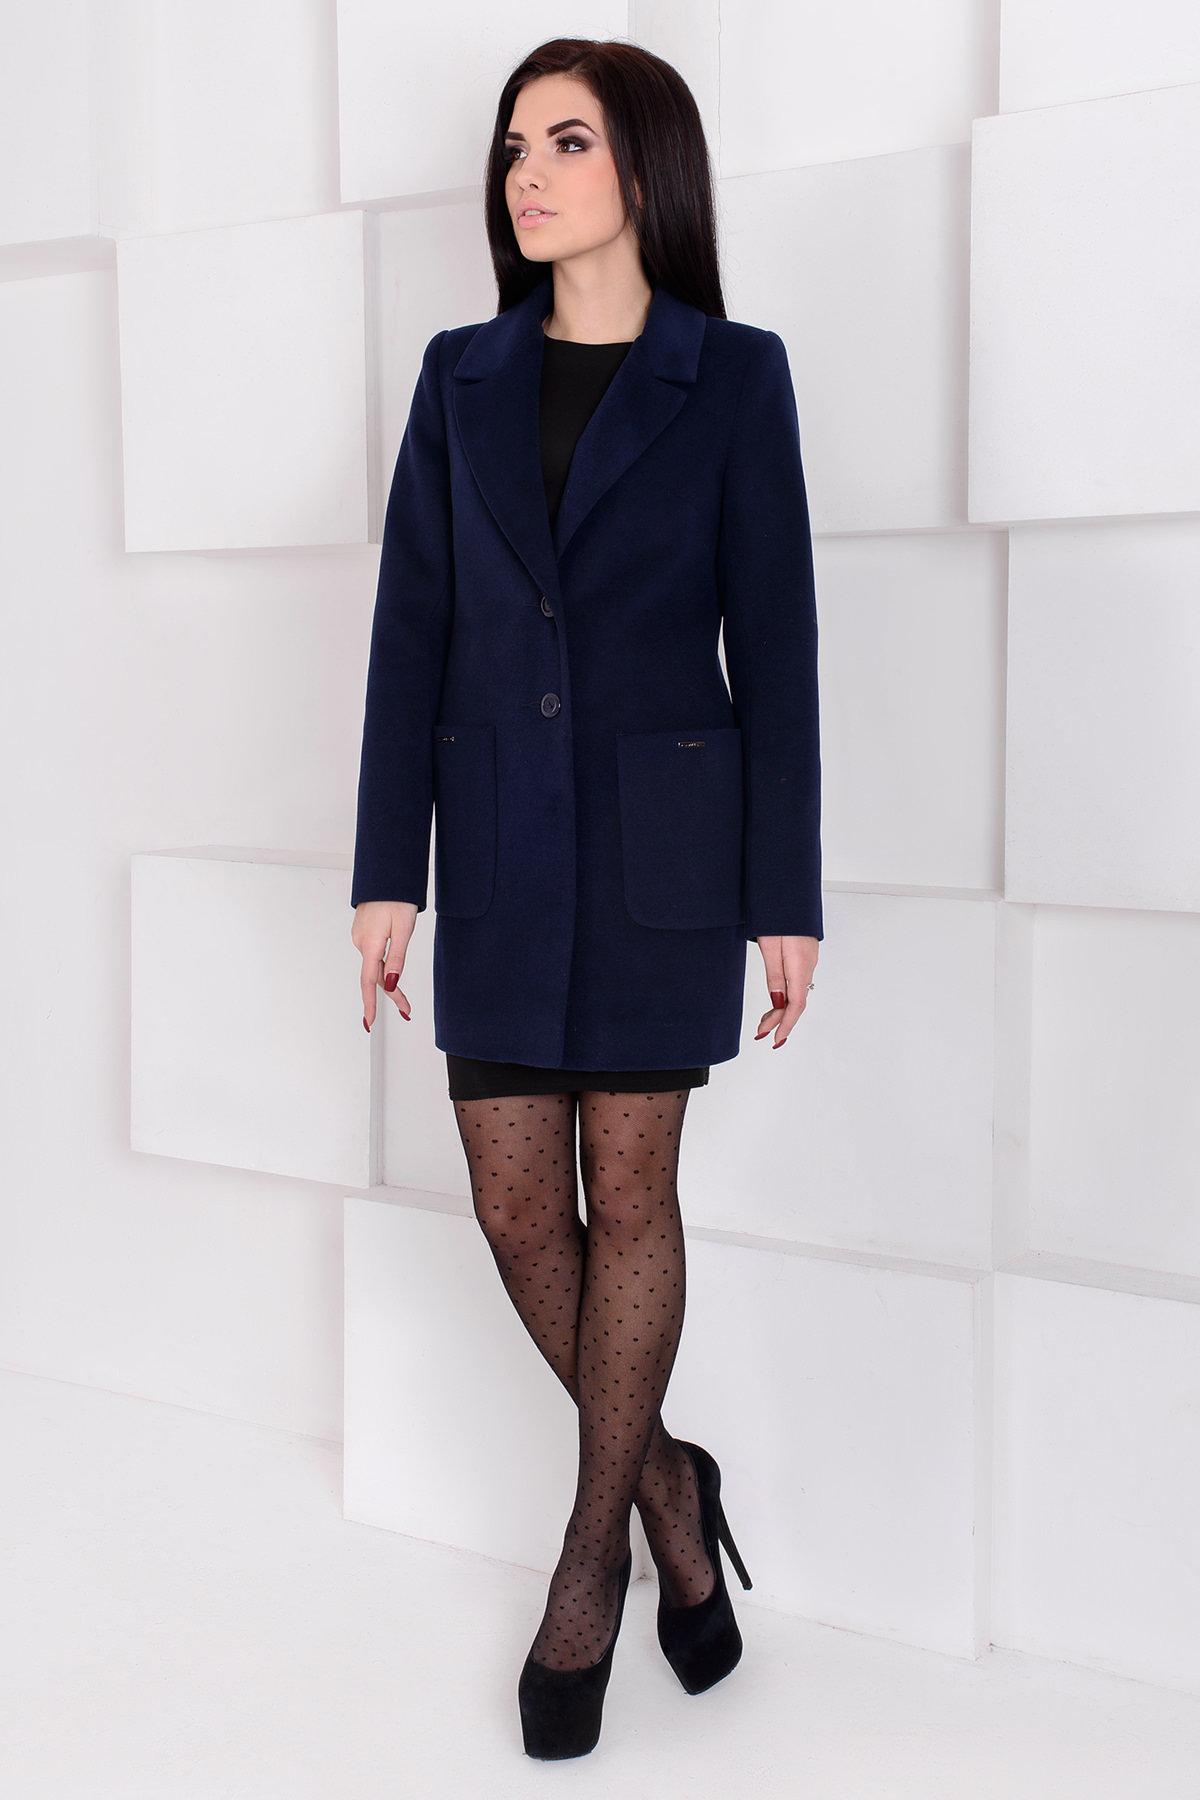 Картинки по запросу продажа пальто в россии оптом описание что такое